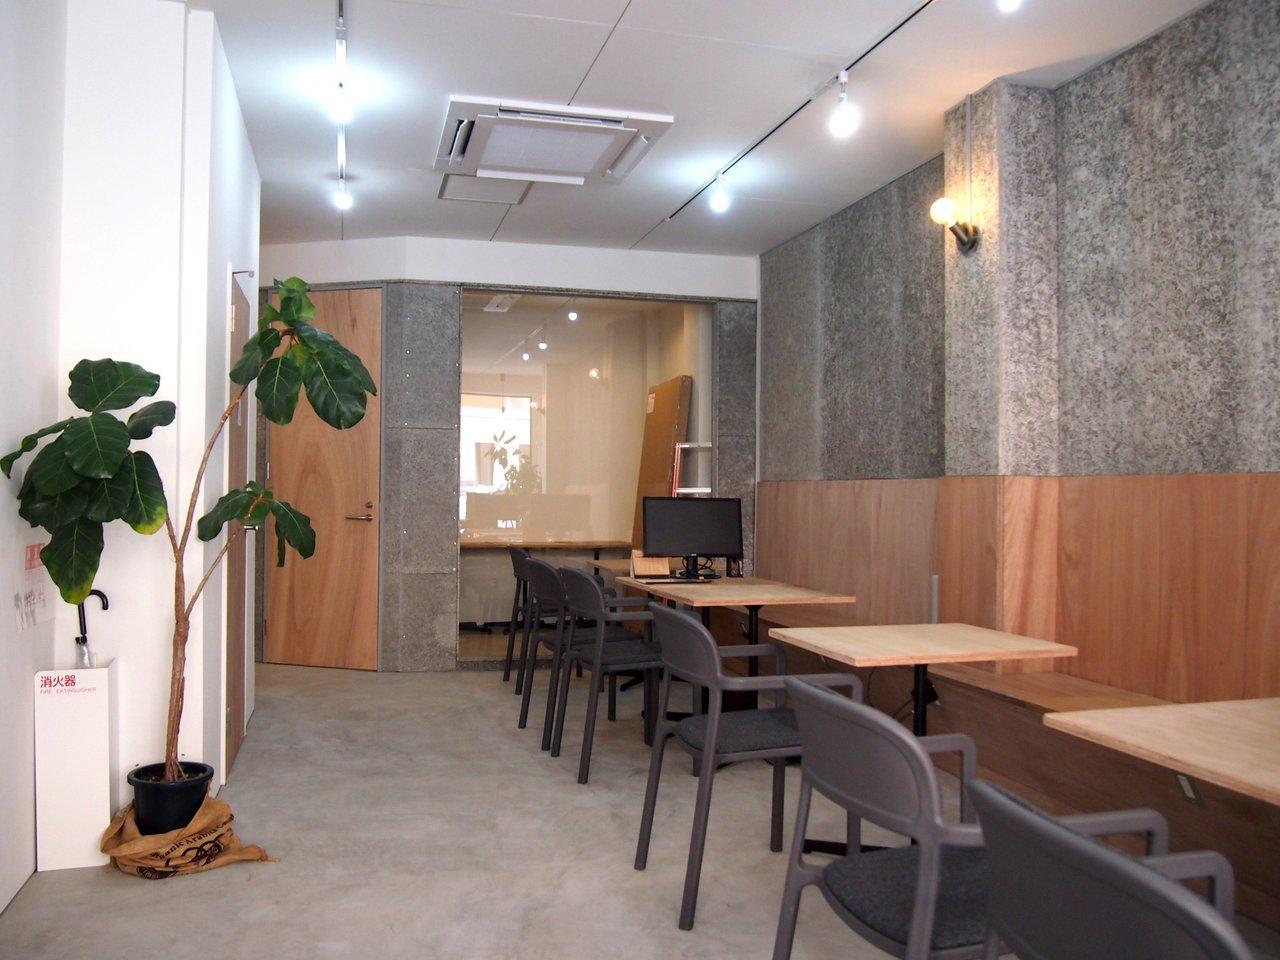 1階はスタイリッシュなシェアラウンジ。入居企業の方は奥の仕切られた会議室スペースも含めて、無料で使うことができます。この場所できっと、様々な交流が生まれることでしょう。